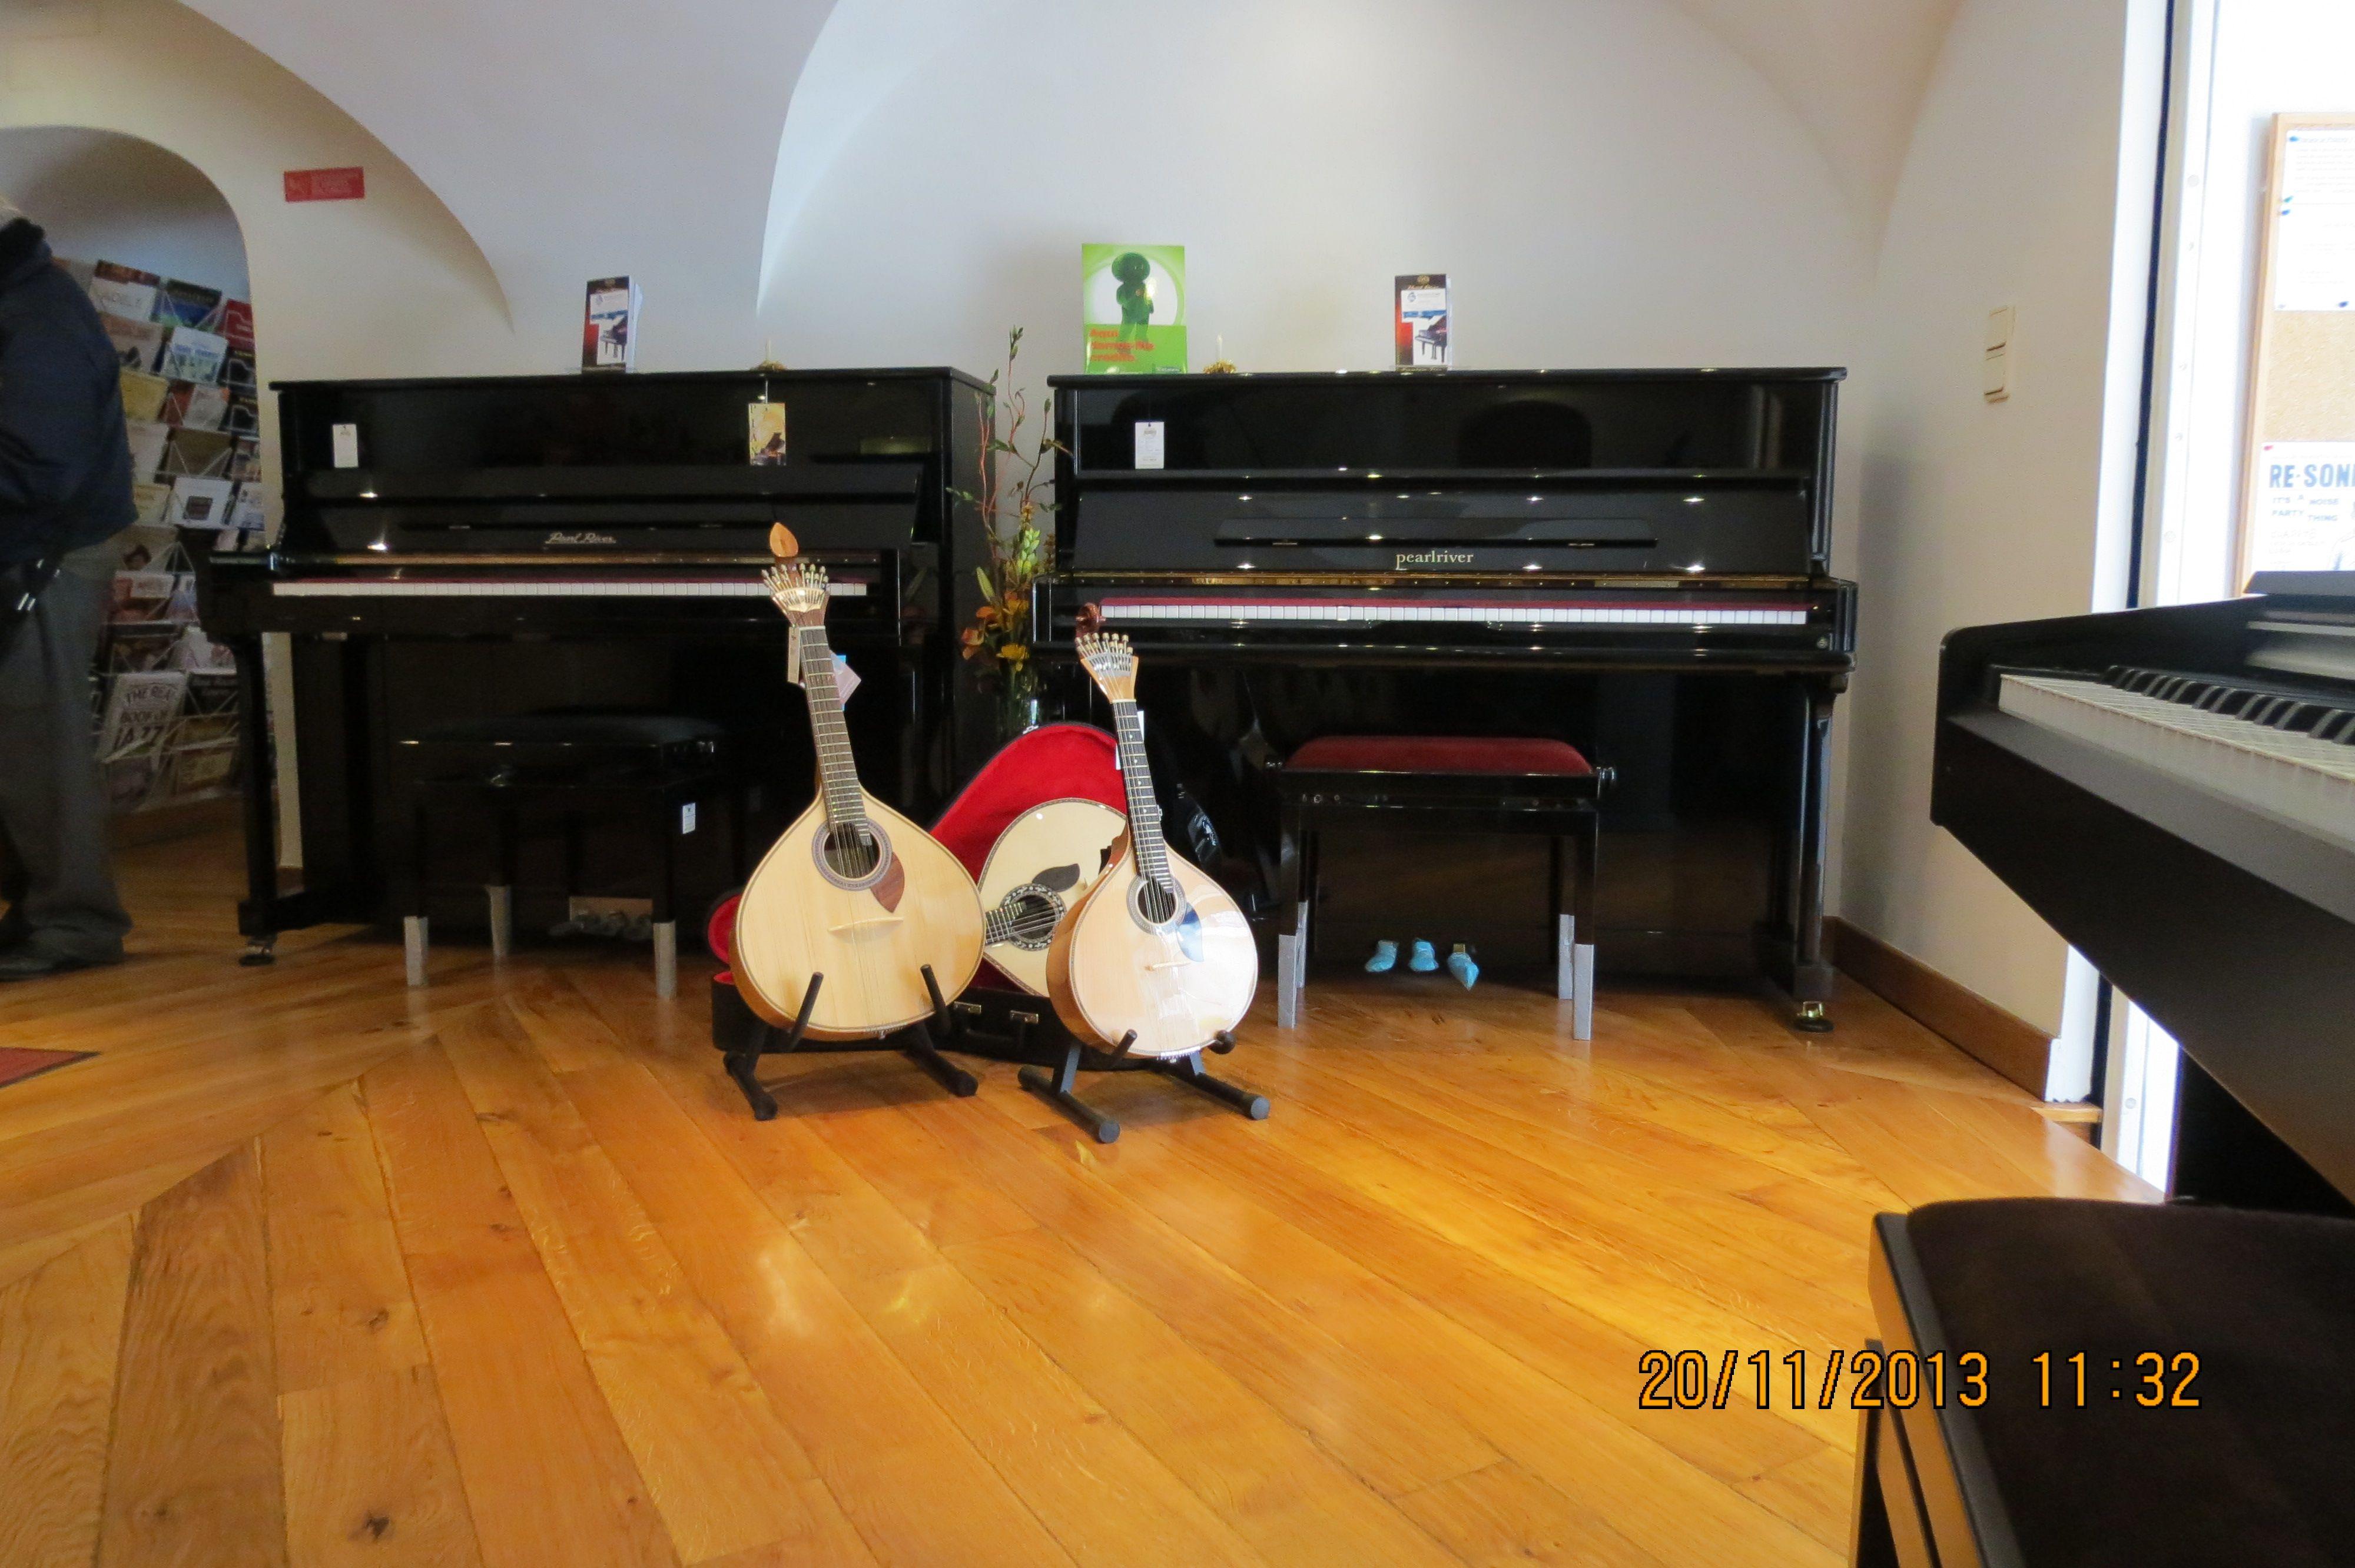 Bom dia e votos de uma excelente semana! Está a entrar nos últimos dias a campanha de descontos de 15% em todos os pianos da marca Pearl River! Venha ao Salão Musical de Lisboa fazer a sua escolha!